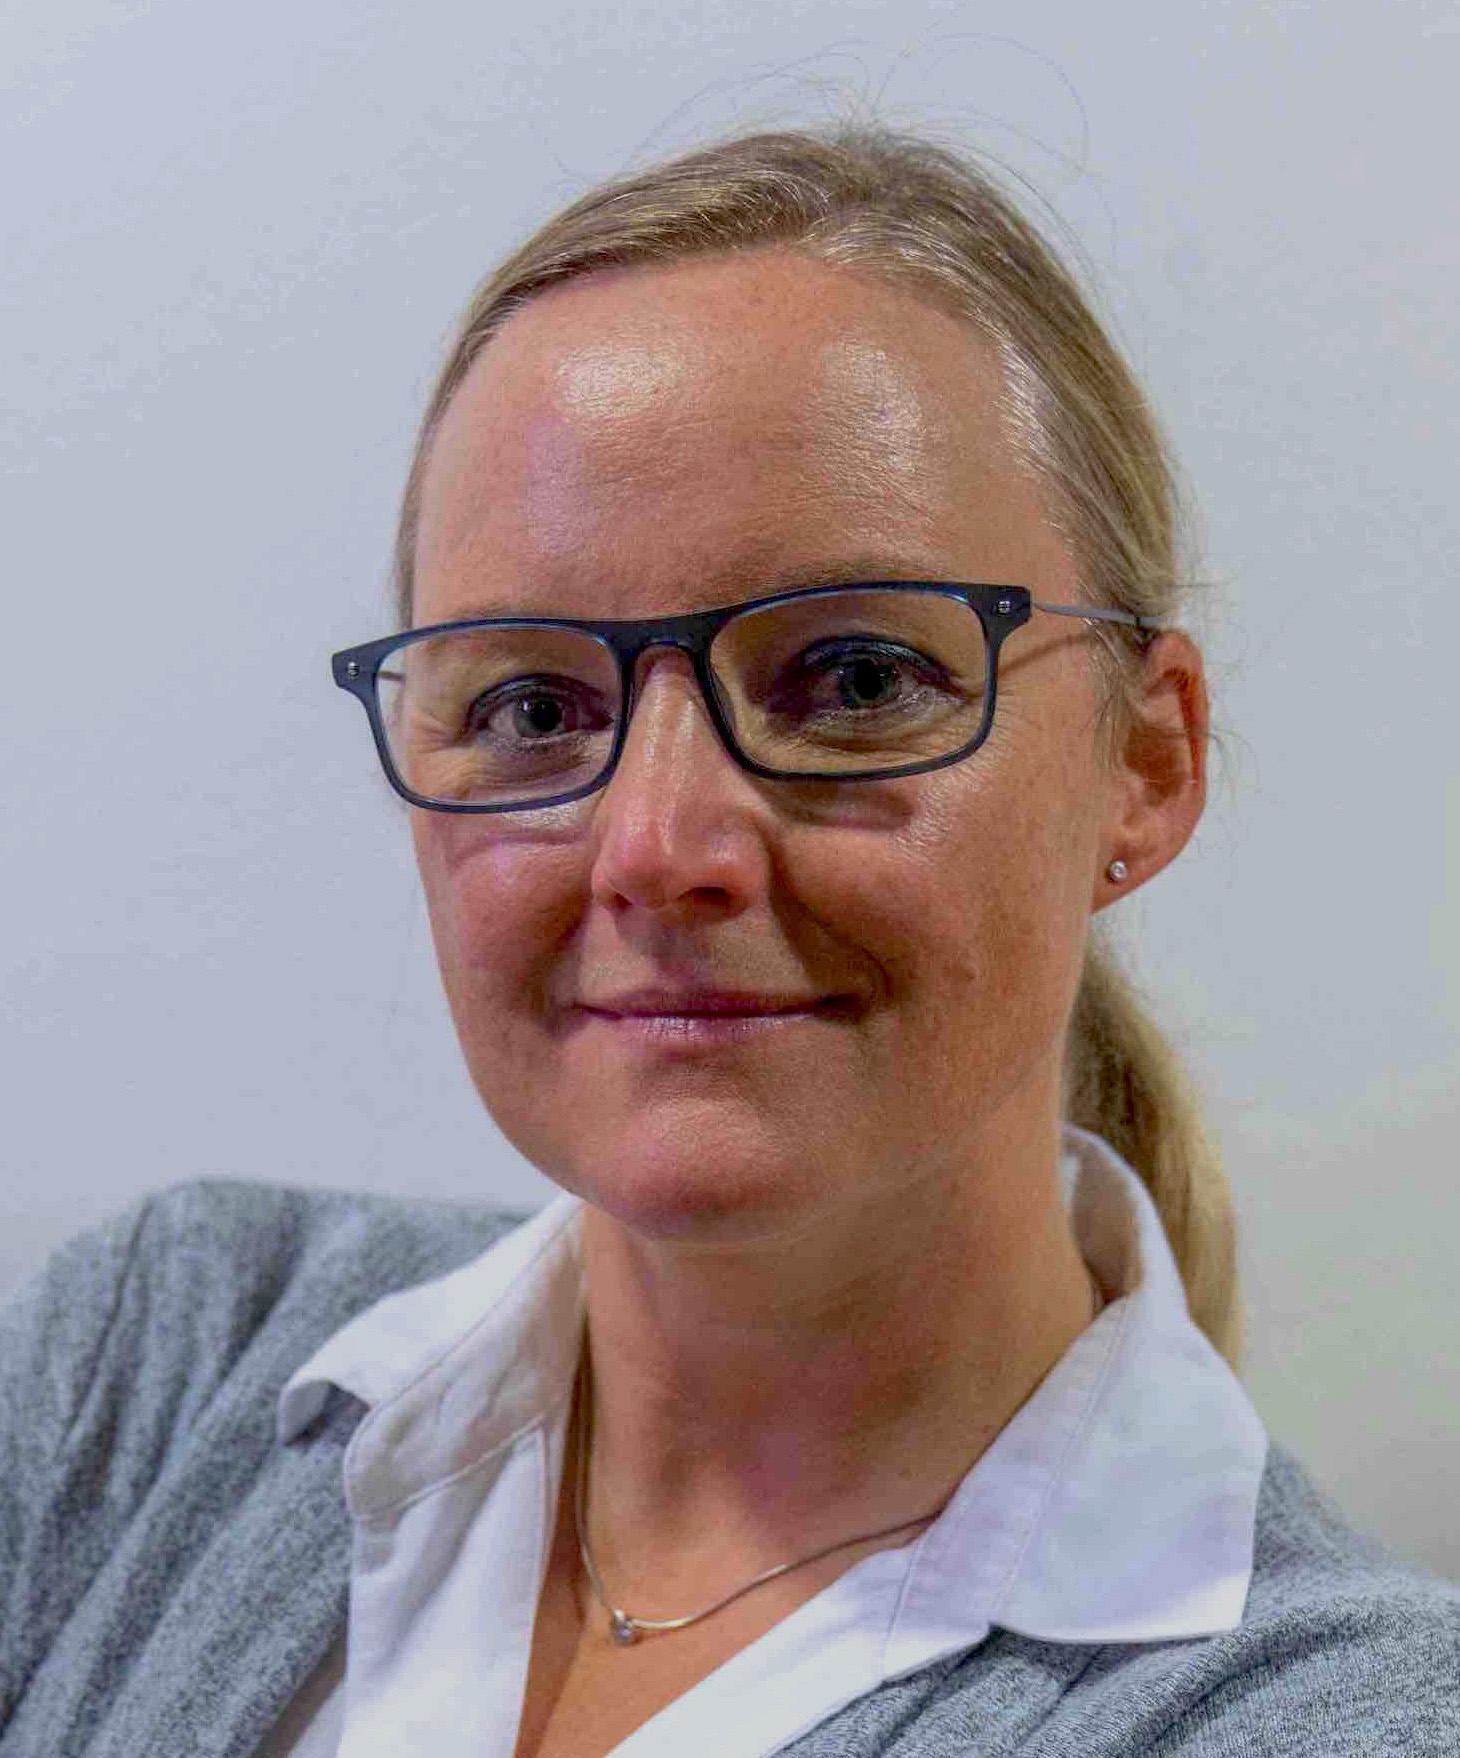 Melanie Blokesch